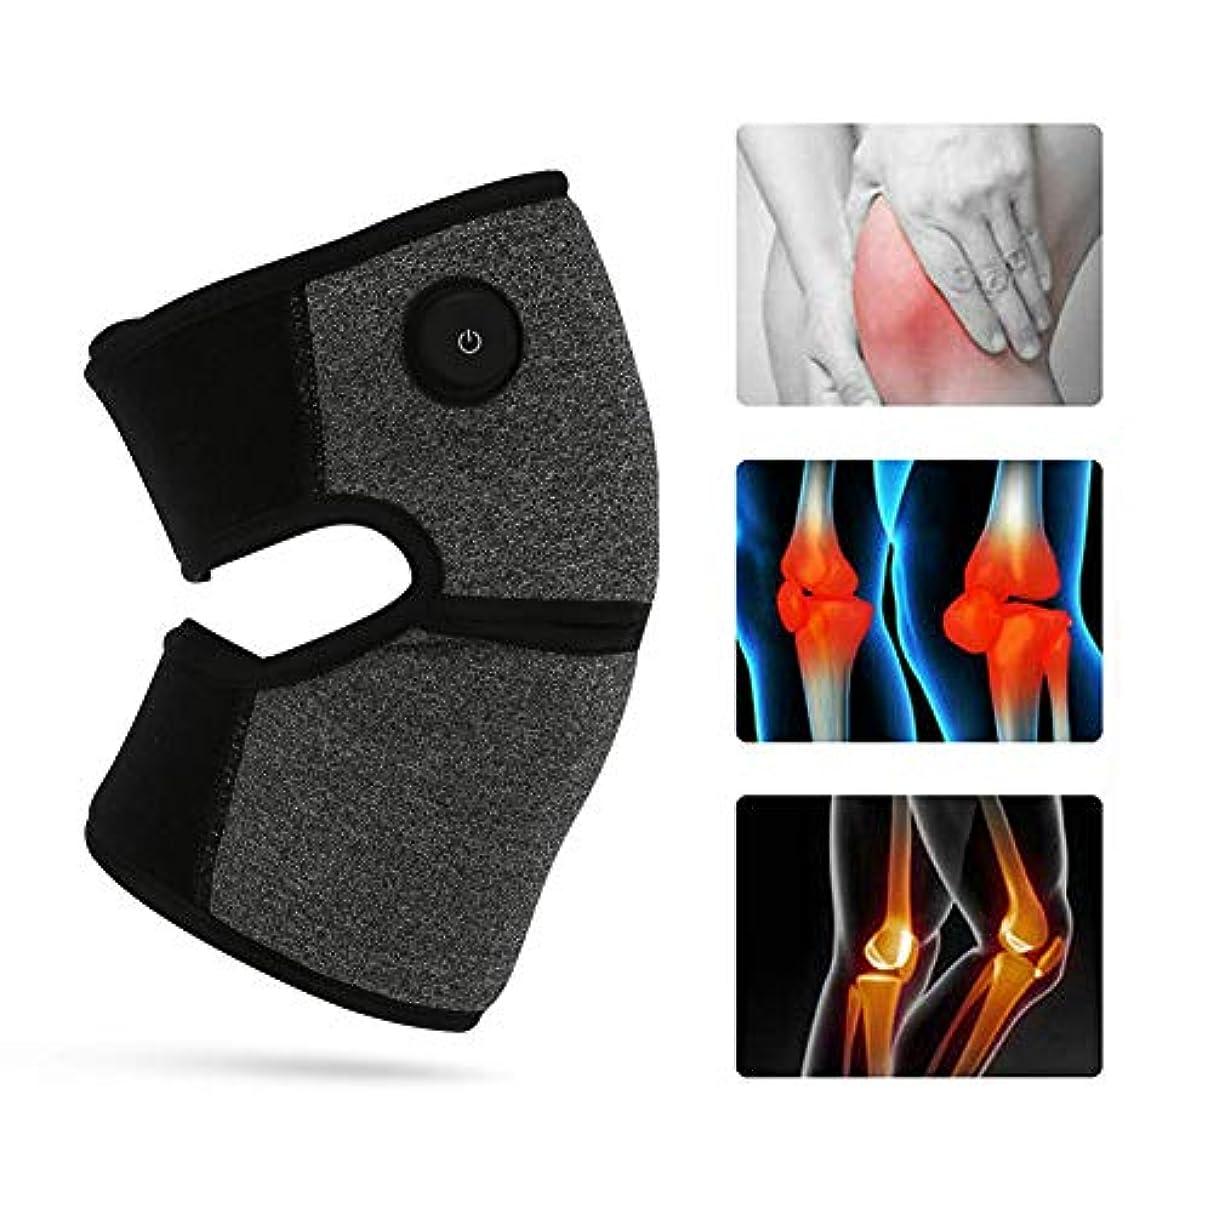 平衡移動するコモランマ膝関節炎のための3ファイル温度加熱膝装具療法ホット圧縮による電気加熱膝ラップサポート,2pcs